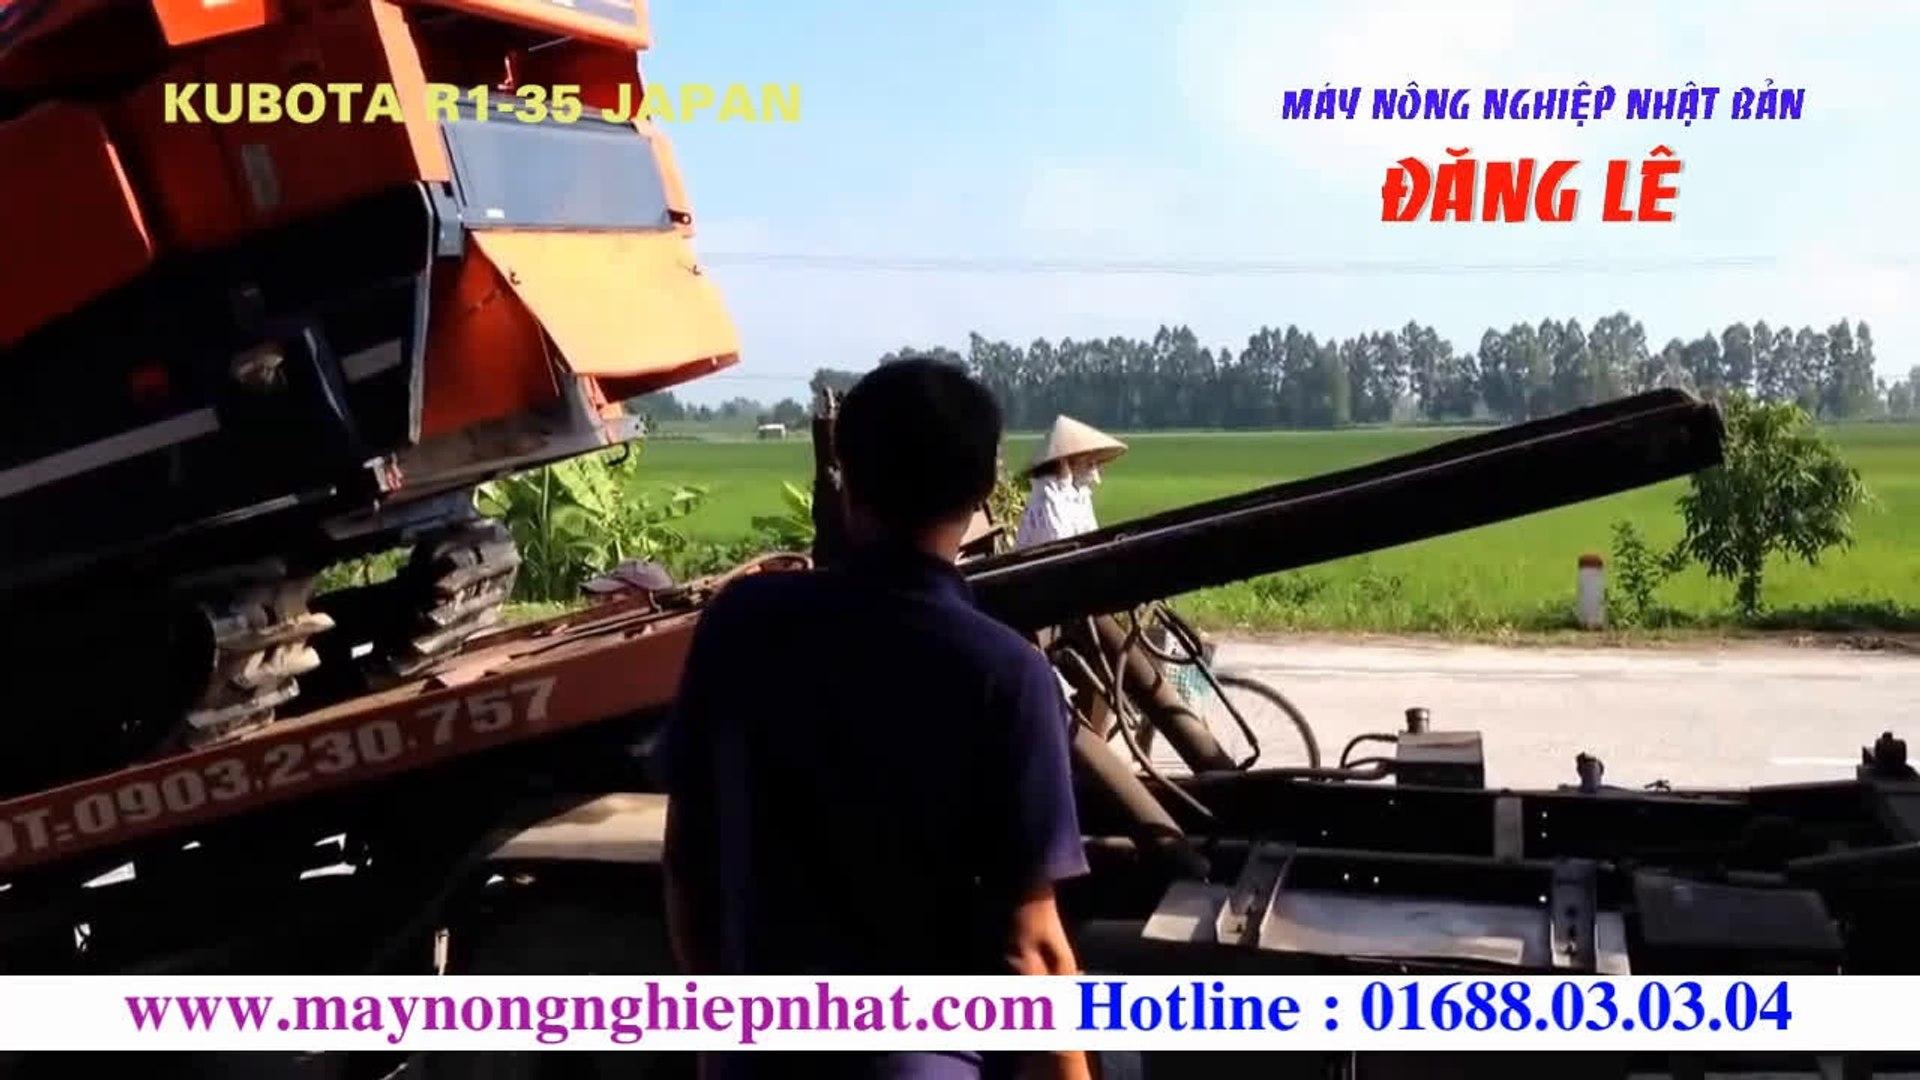 [Đăng lê]Khách hàng tin tưởng Liên tục xuất máy gặt liên hợp Kubota R135 cho khách hàng ở Bắc Ninh v